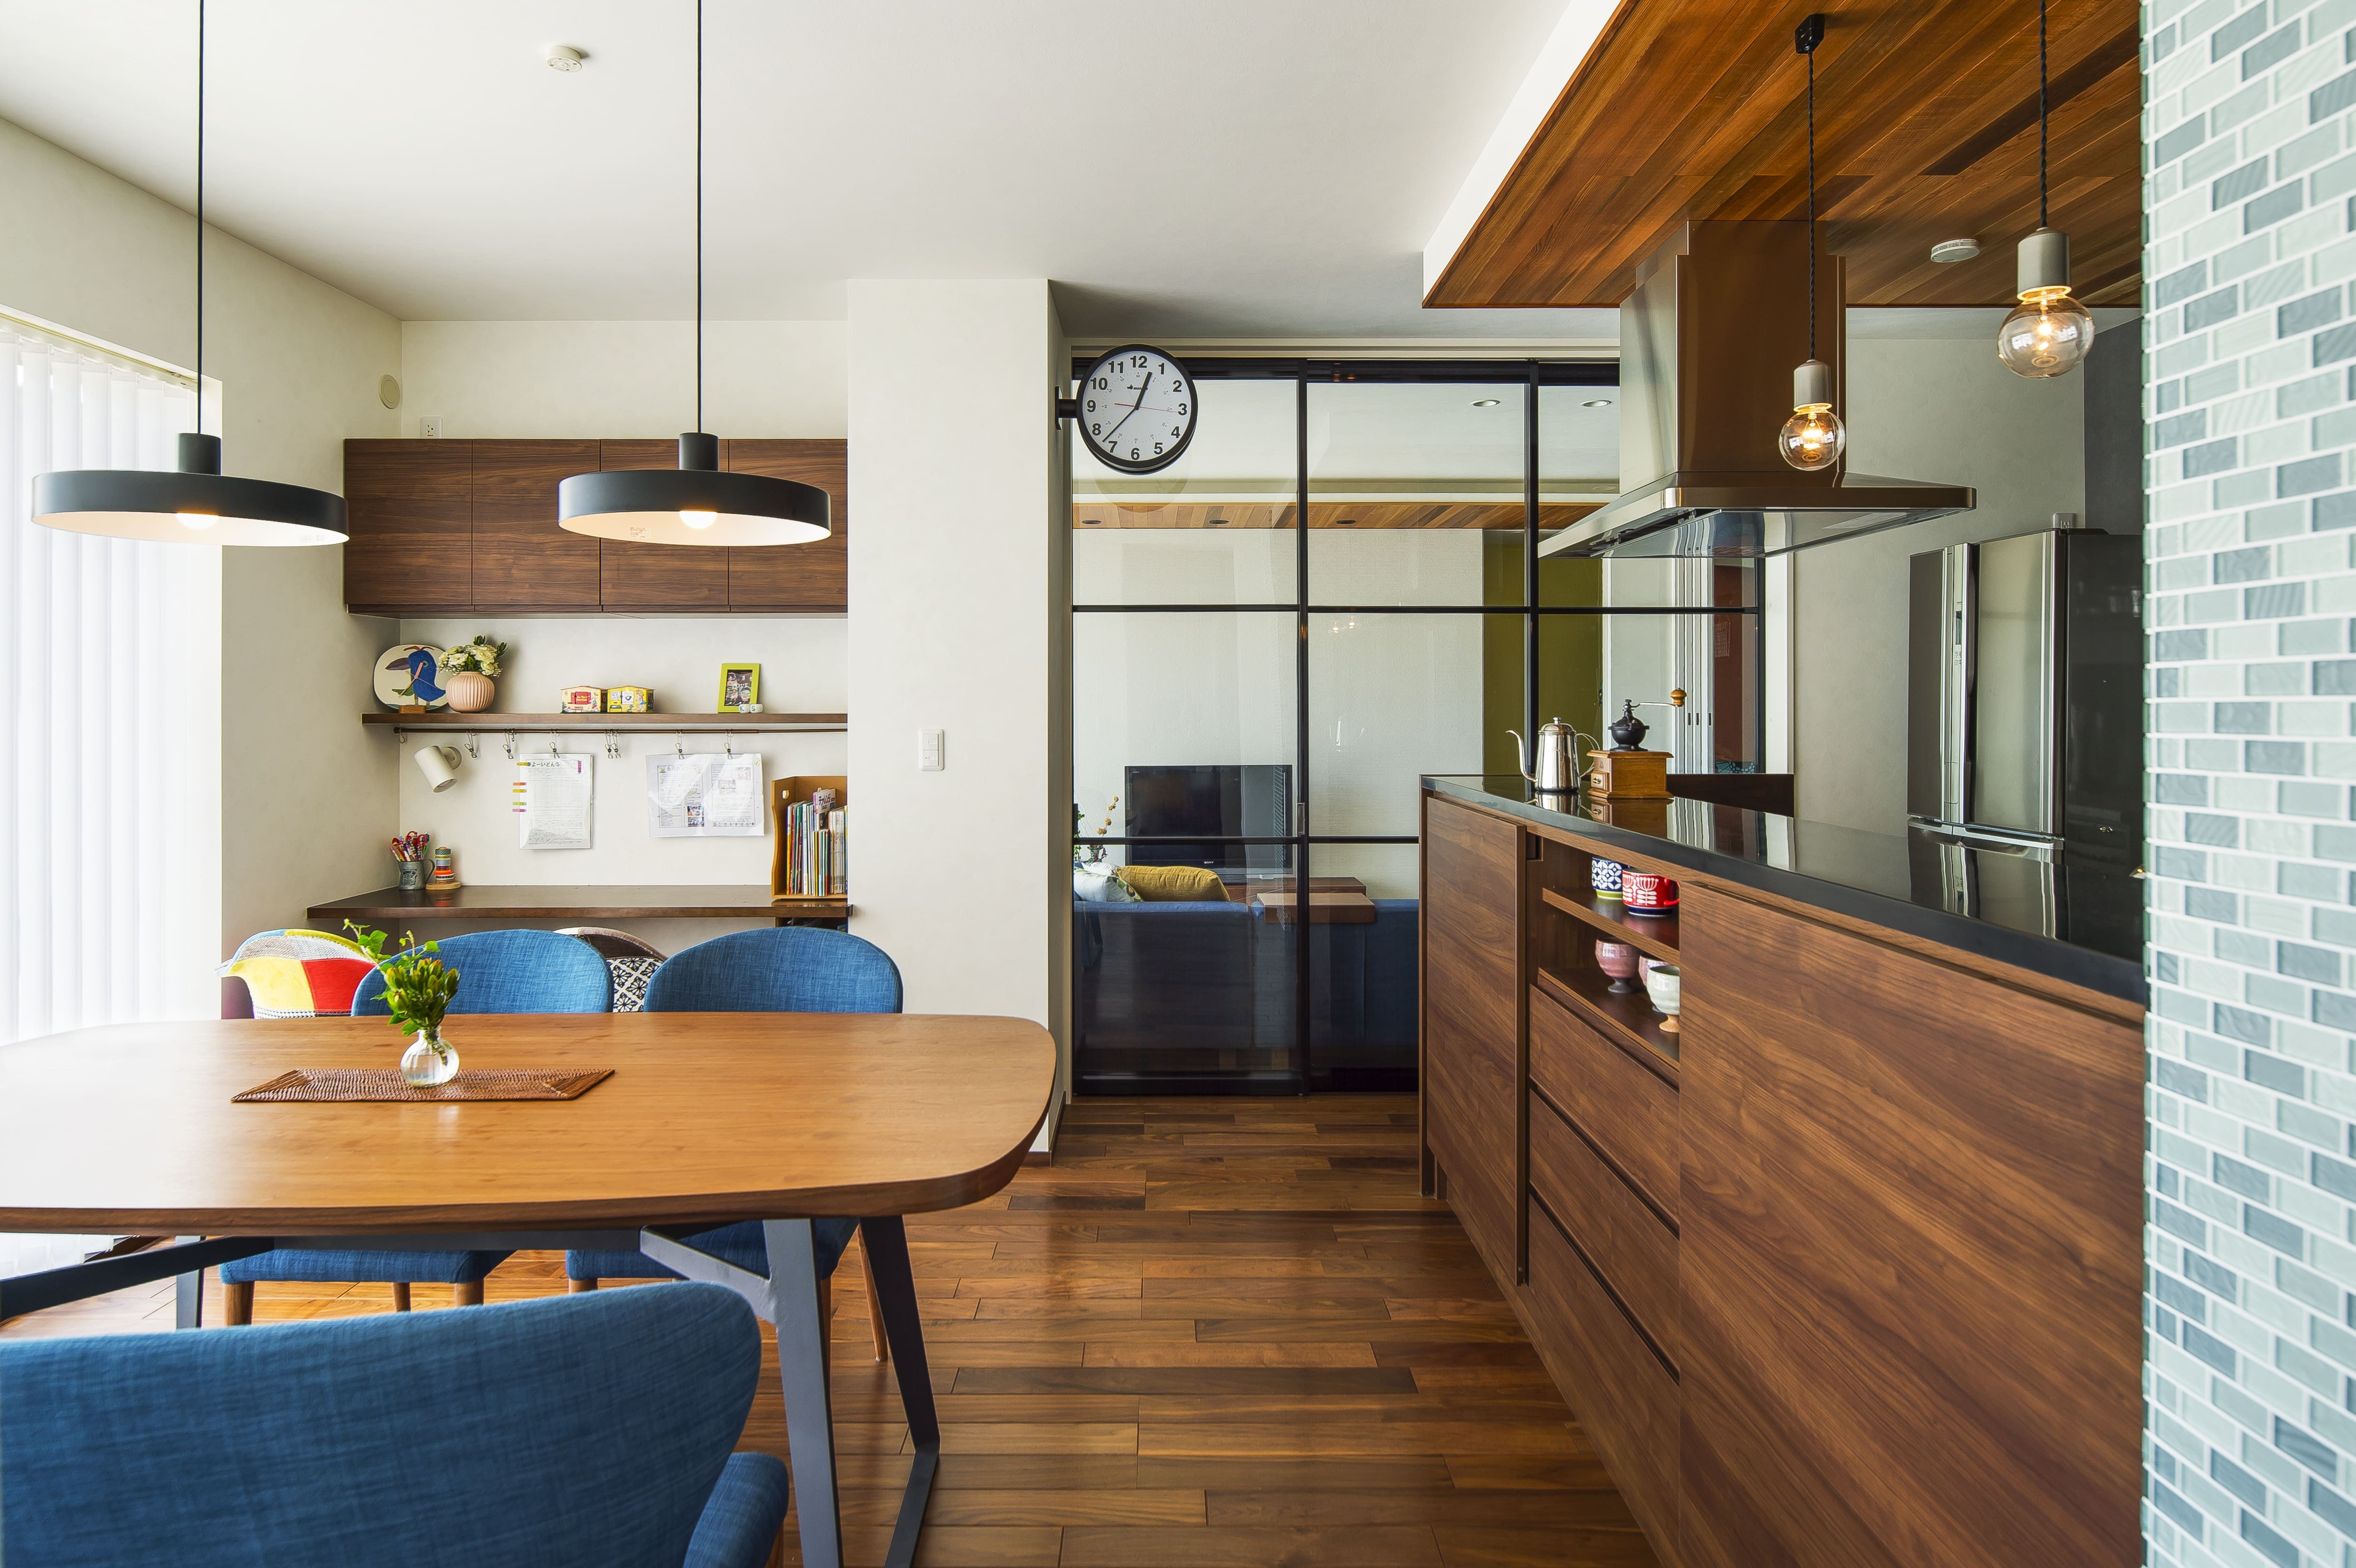 リビングダイニング事例:床暖房を設置したダイニング キッチン(キッチンを家の中心に配置。便利な家事動線と子供を常に見守れる間取りにリフォーム。)